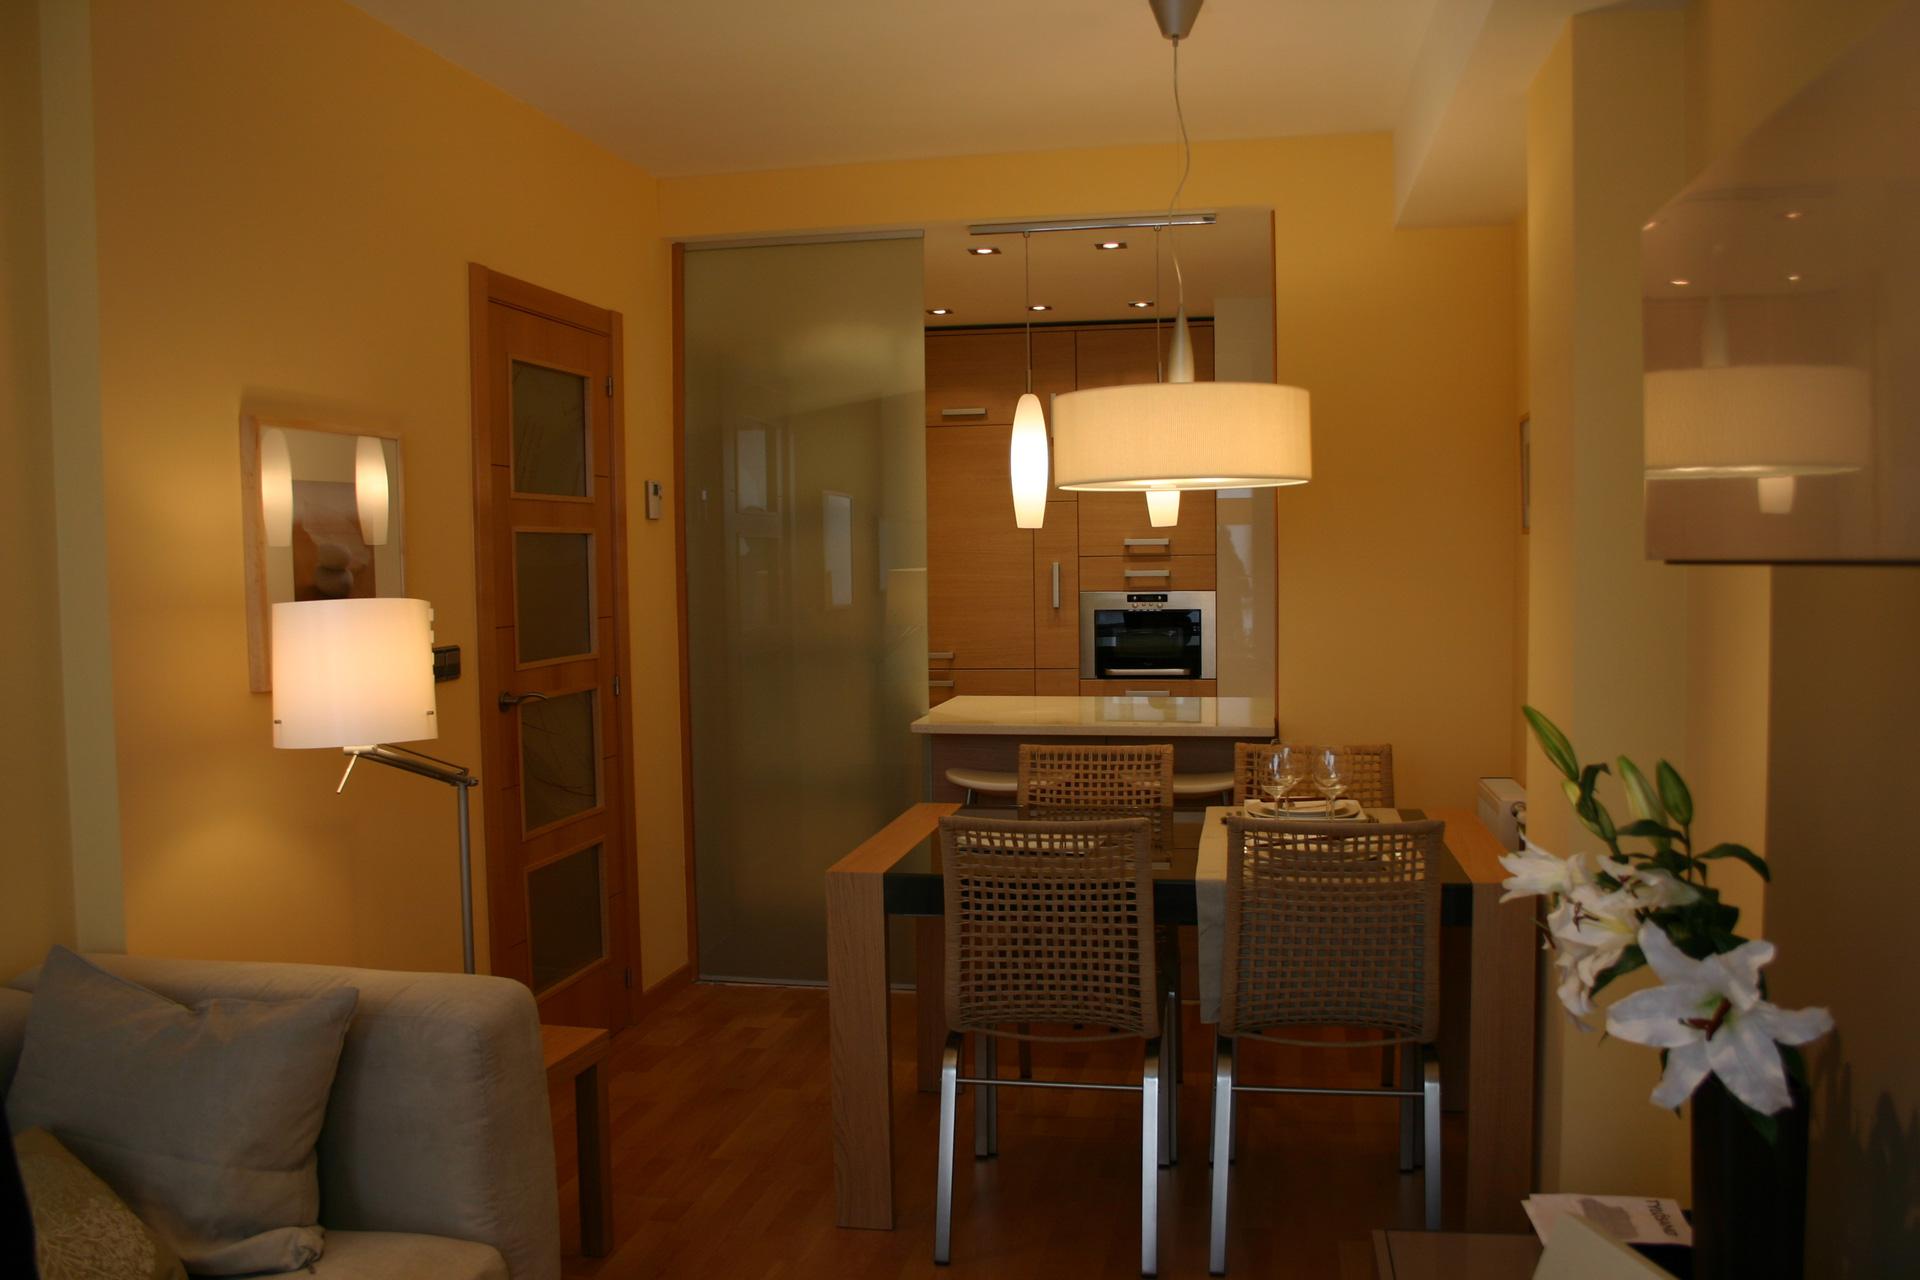 Apartamento piloto estudio ci - Piloto photo studio ...